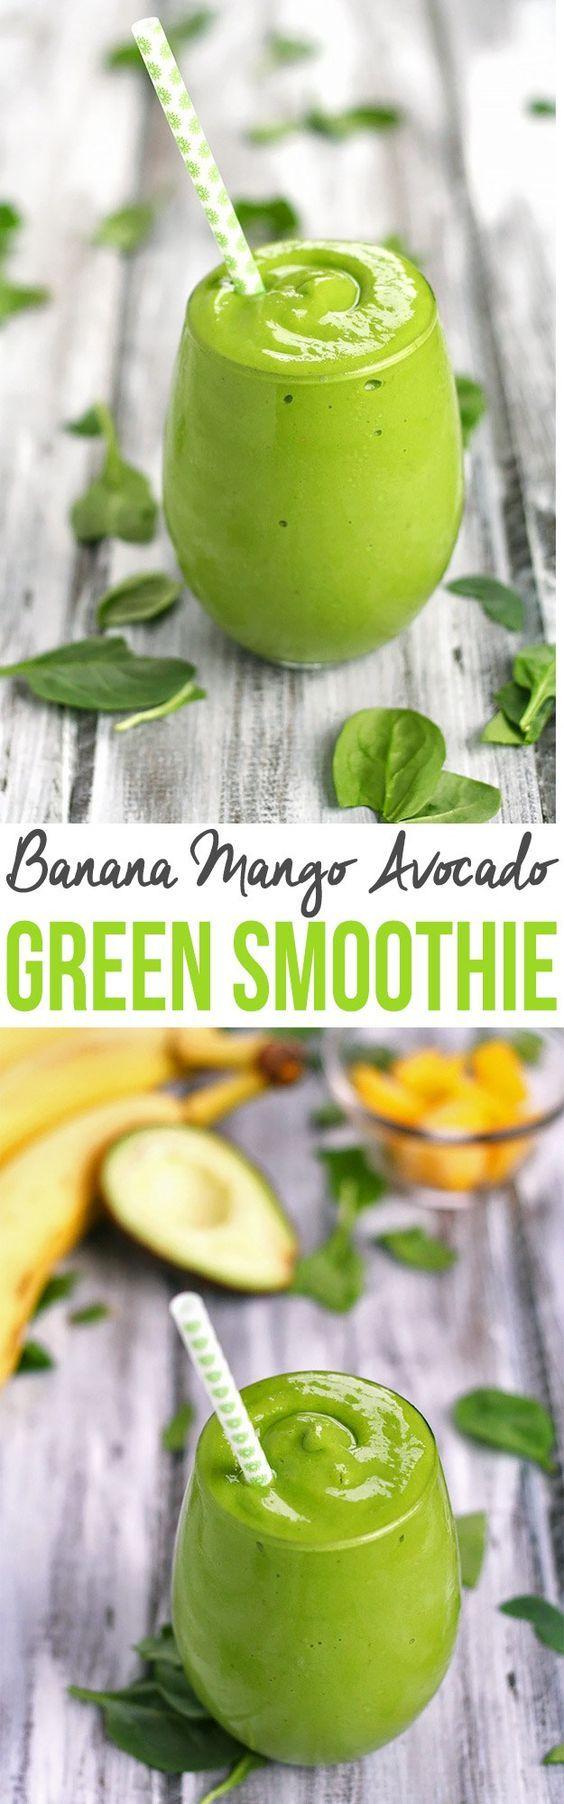 Banana Mango Avocado Green Smoothie   A Reader Survey